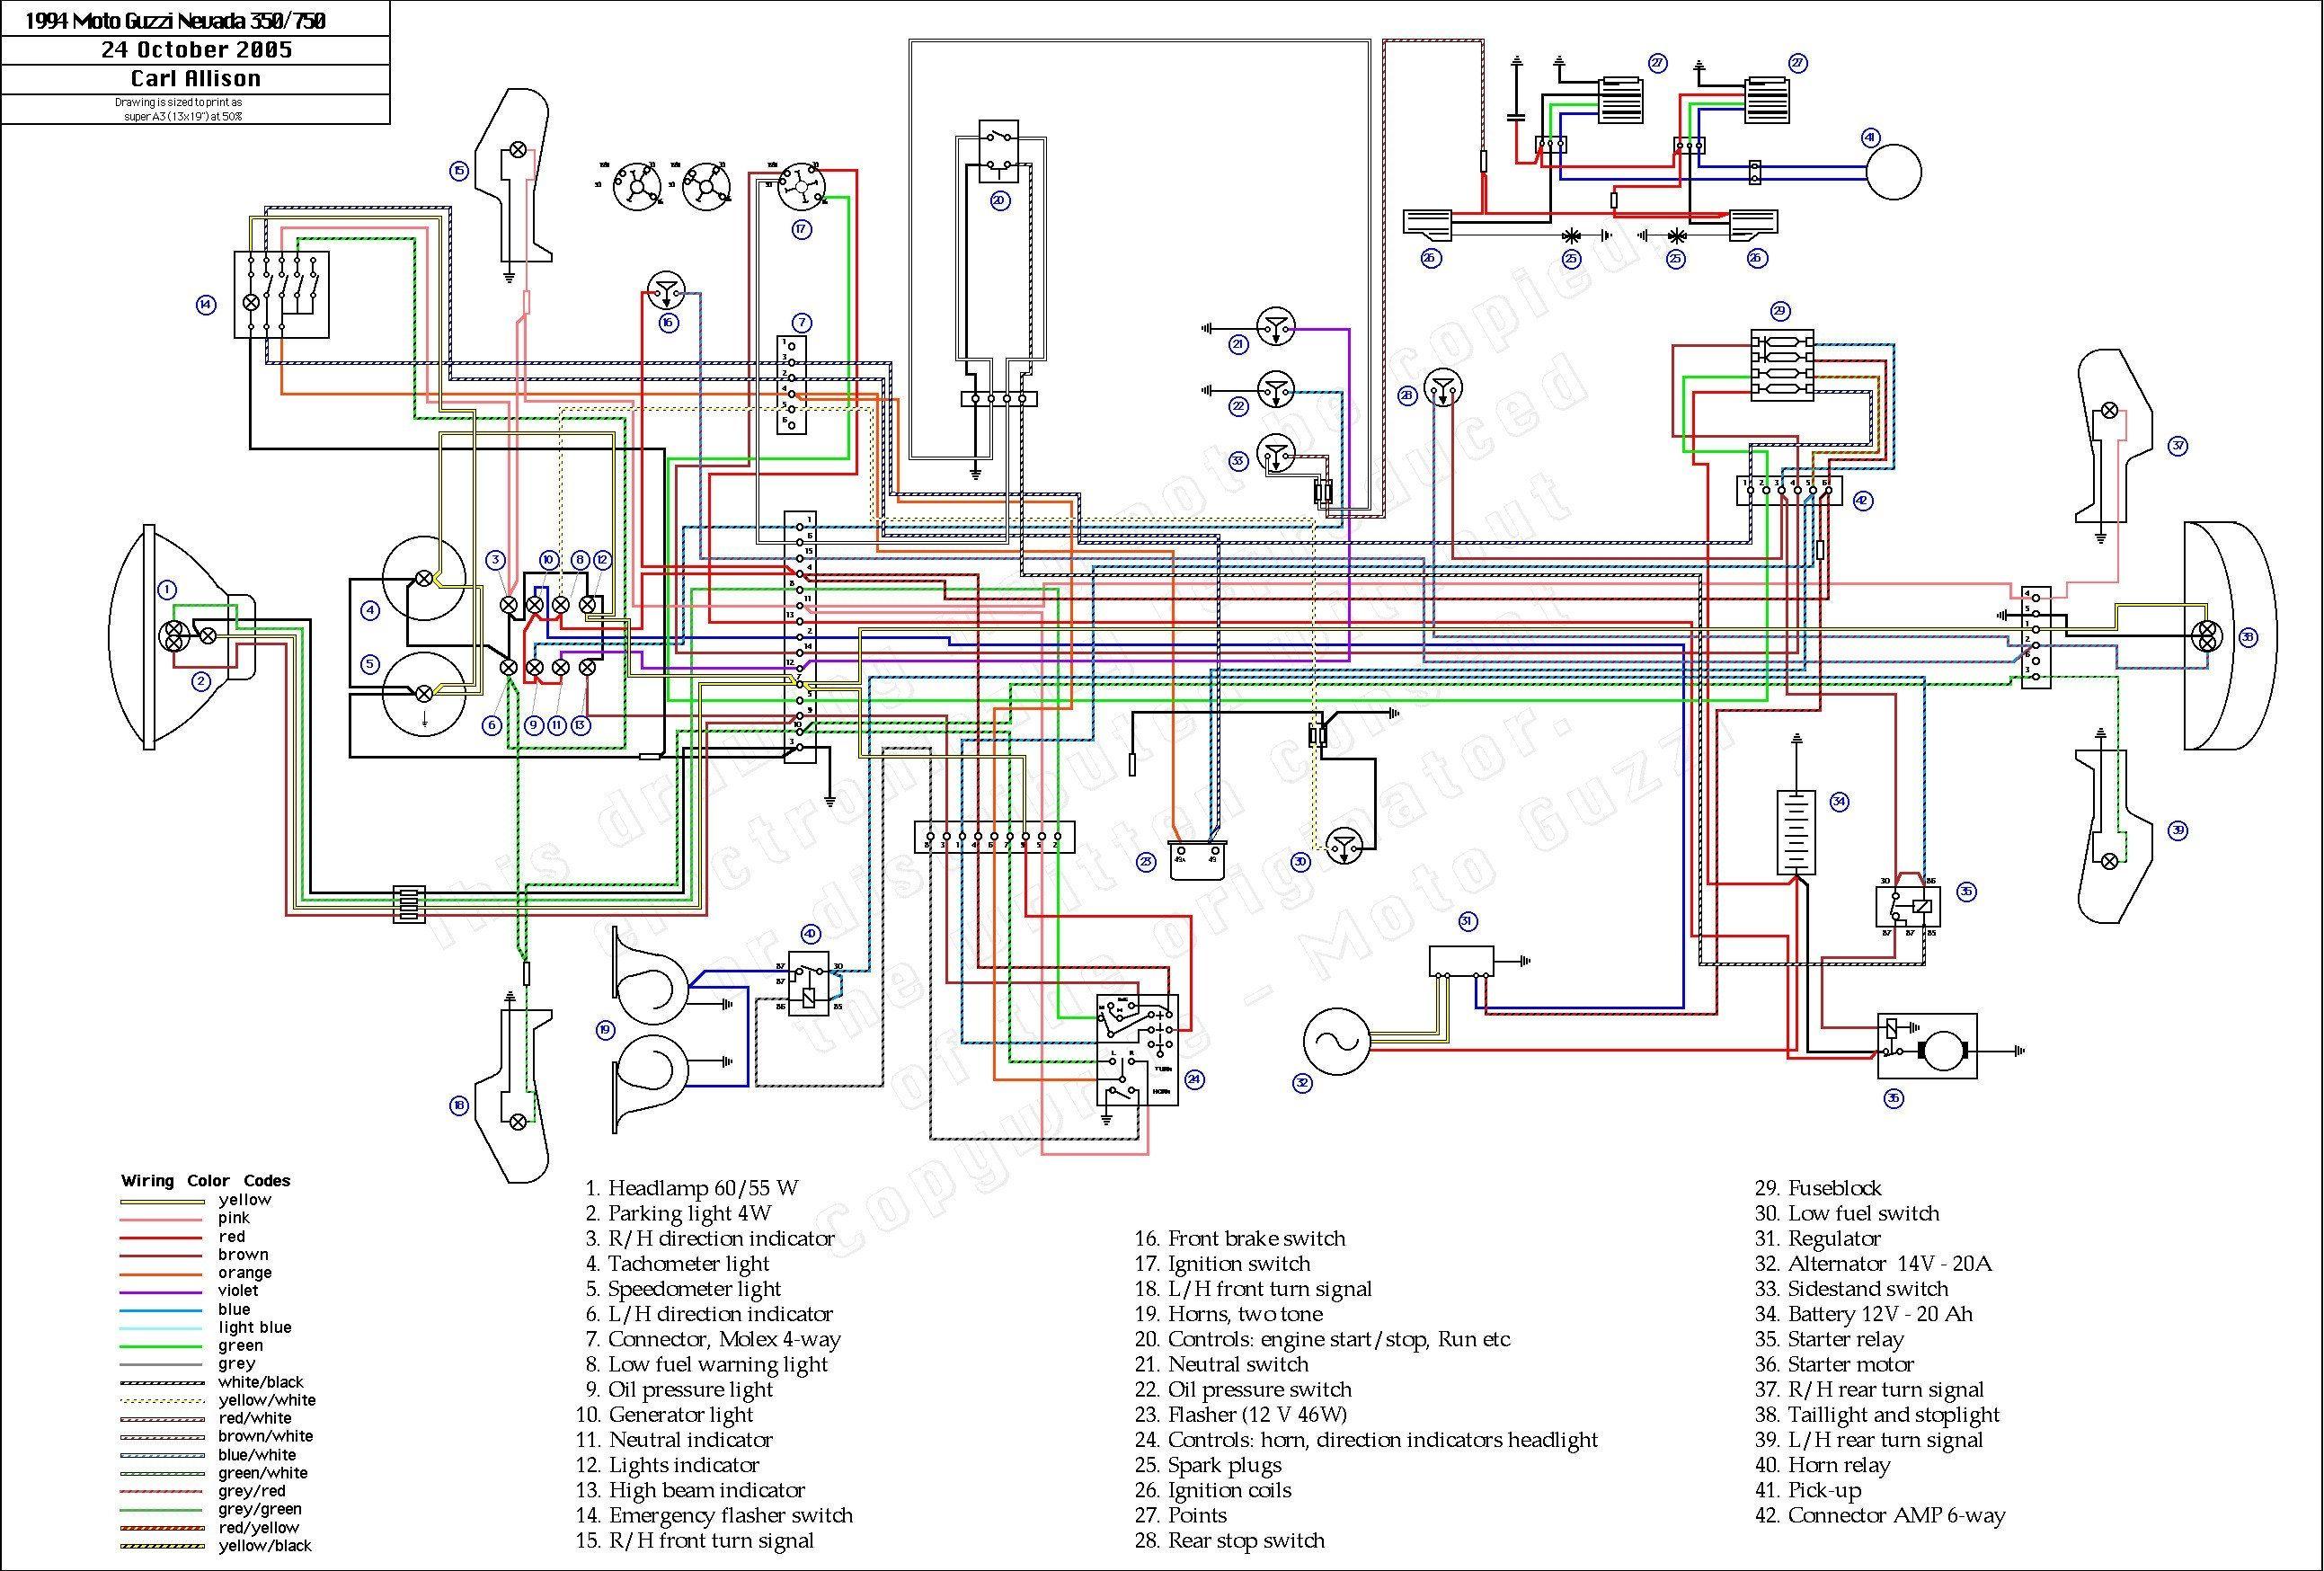 Kk 8562 1988 Yamaha Banshee Wiring Diagram Wiring Diagram